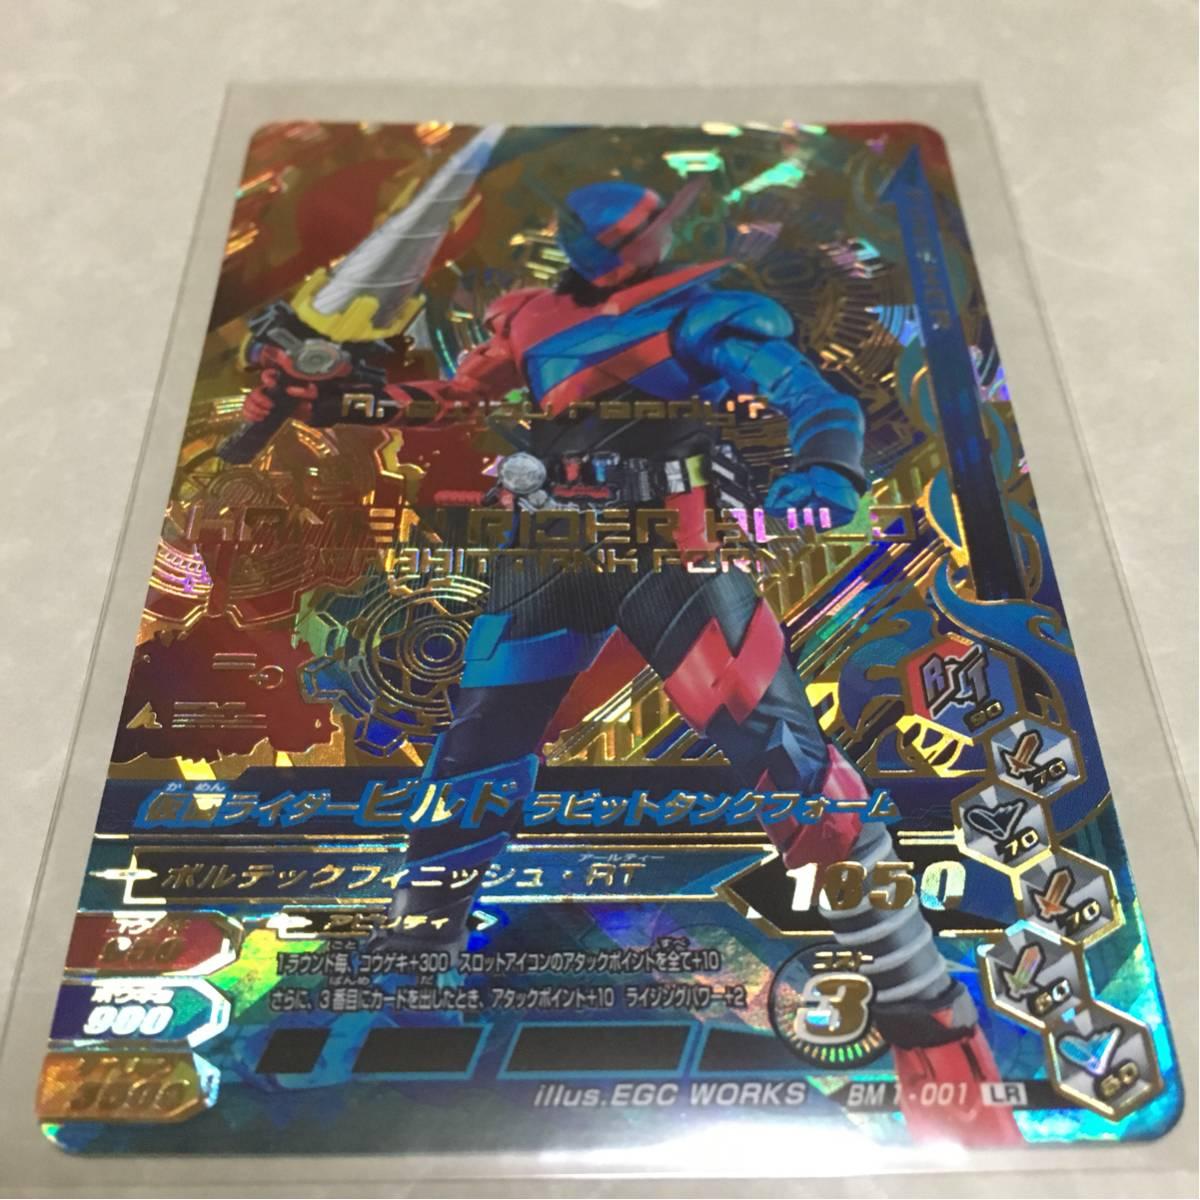 ガンバライジング ビルド ボトルマッチ1弾 LR BM1-001 仮面ライダービルド ラビットタンクフォーム